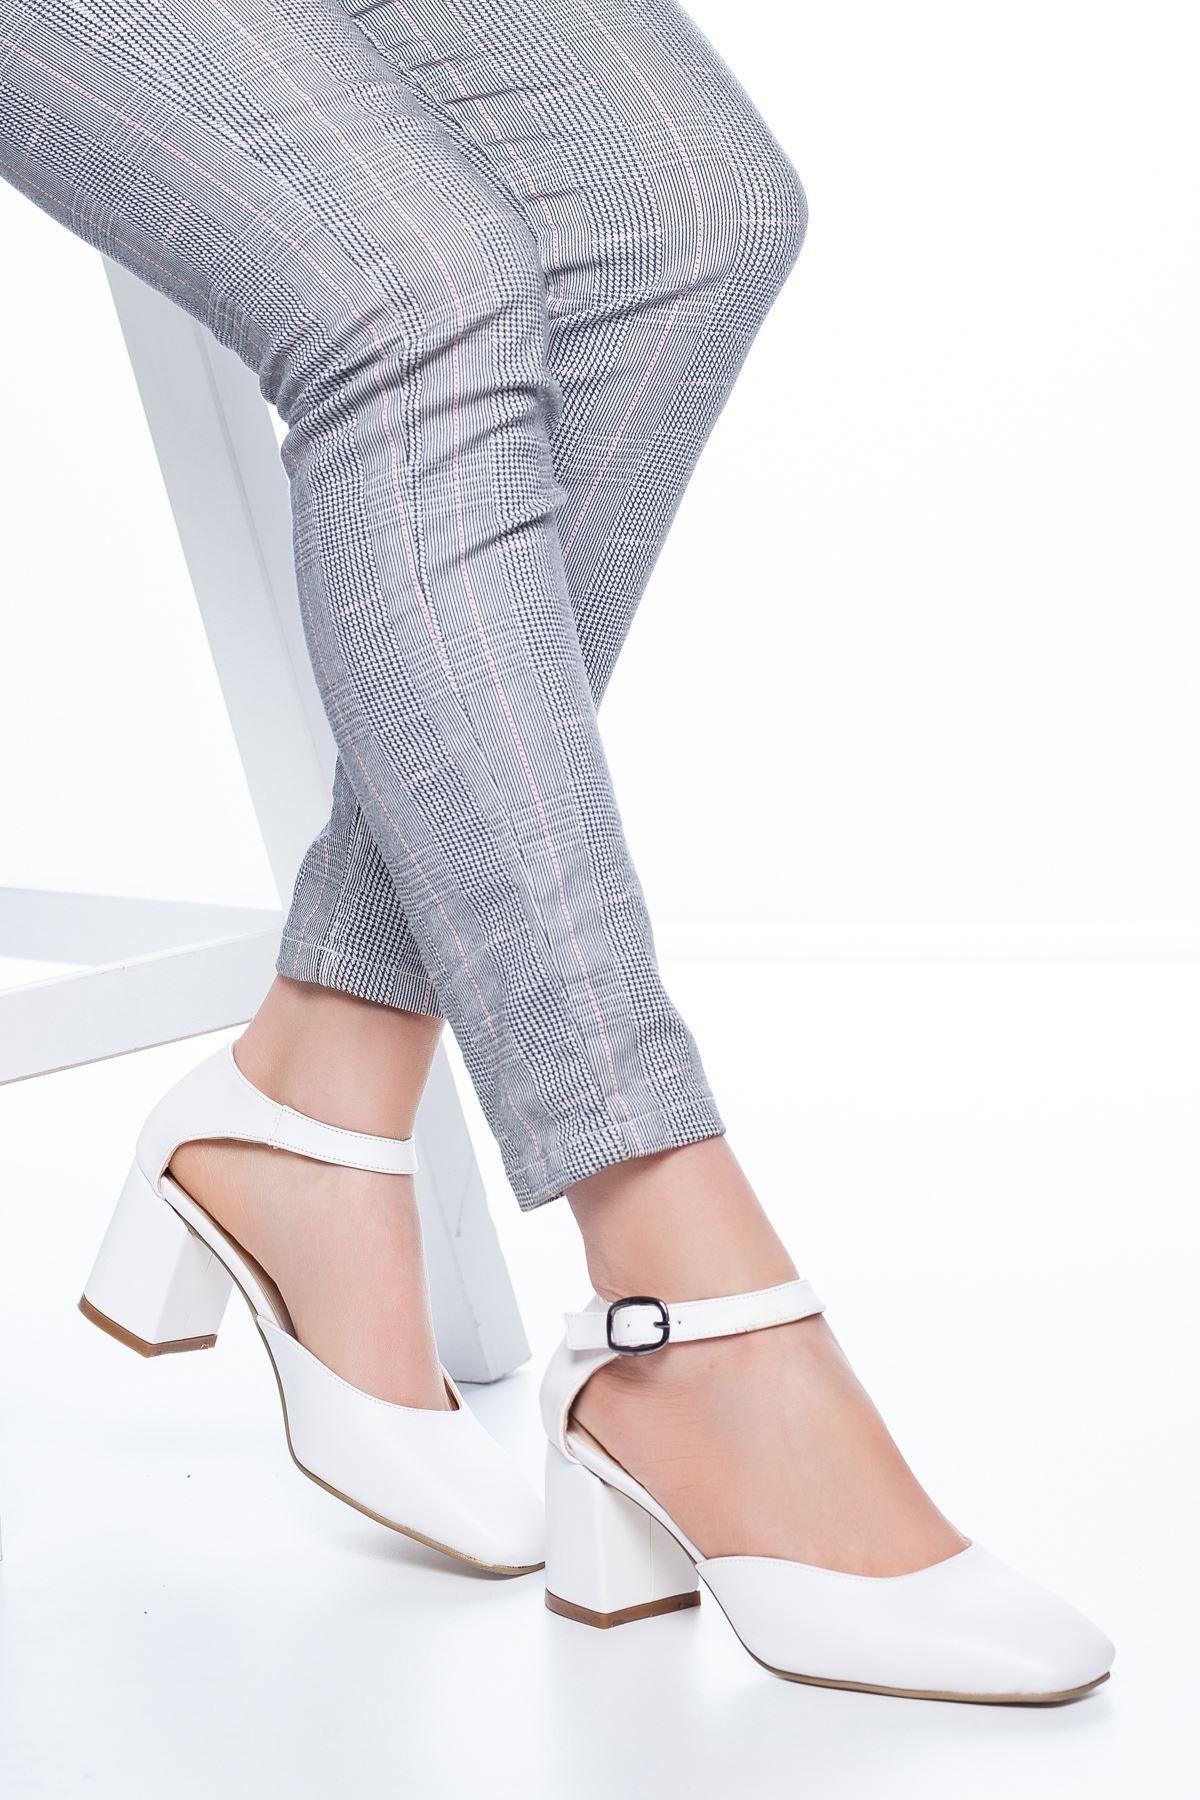 Dores Küt Burun Cilt Topuklu Ayakkabı Beyaz